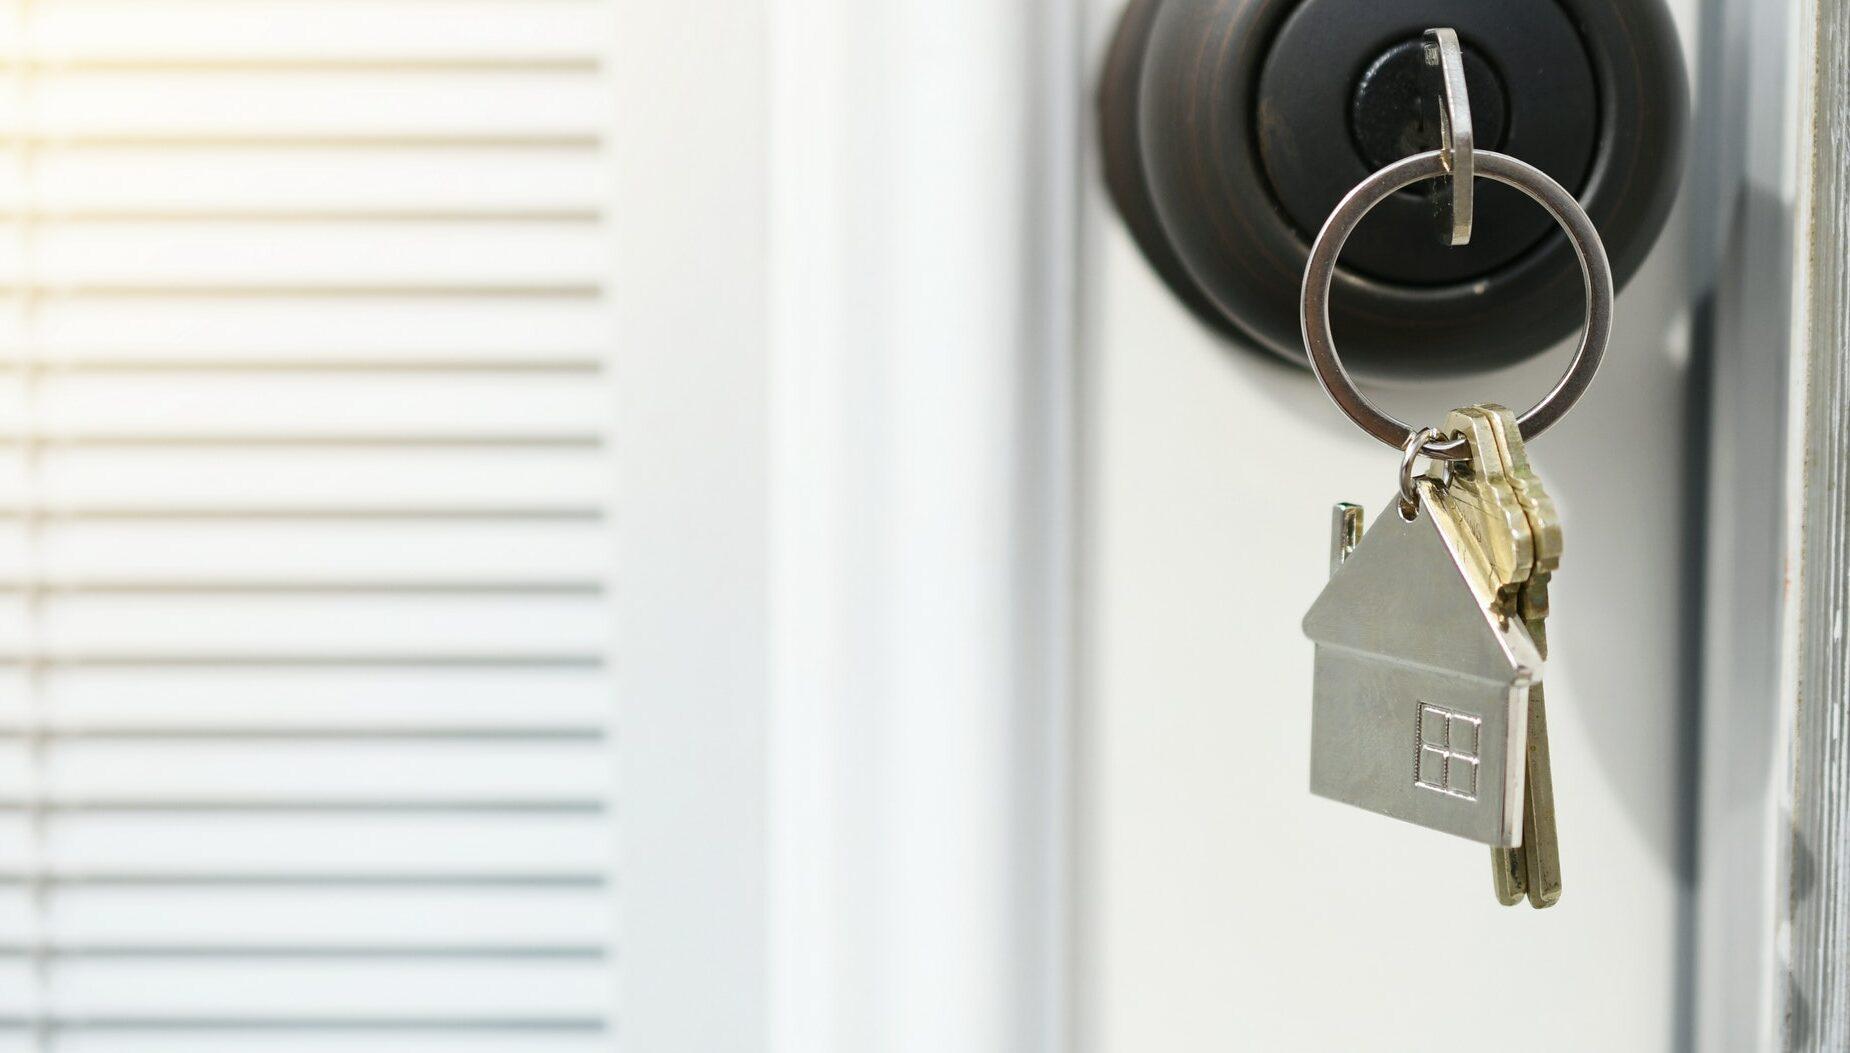 Omkodning af lås pris - Hvad koster det at omkode en lås hos låsesmed, se omkodning priser